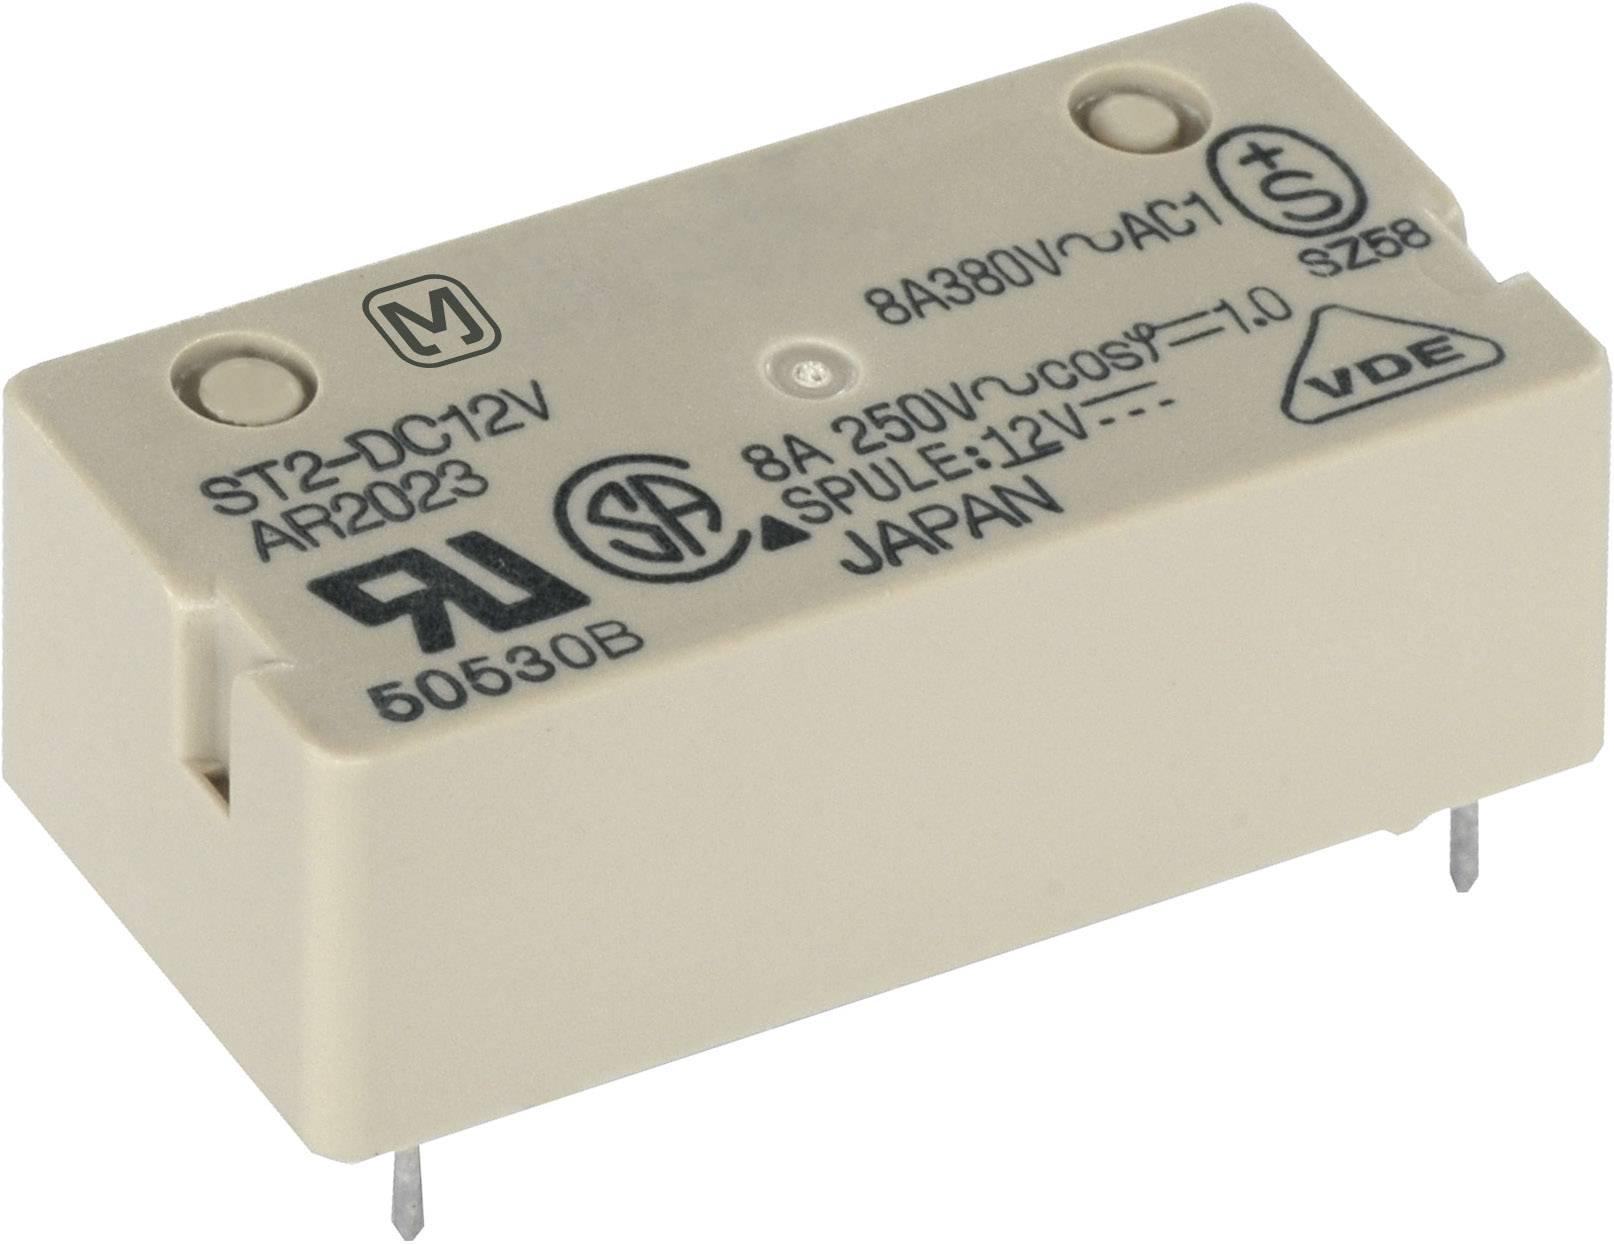 Výkonové relé ST 8 A, Print Panasonic ST224F, ST224F, 240 mW, 8 A , 250 V/DC/380 V/AC 2000 VA/150 W